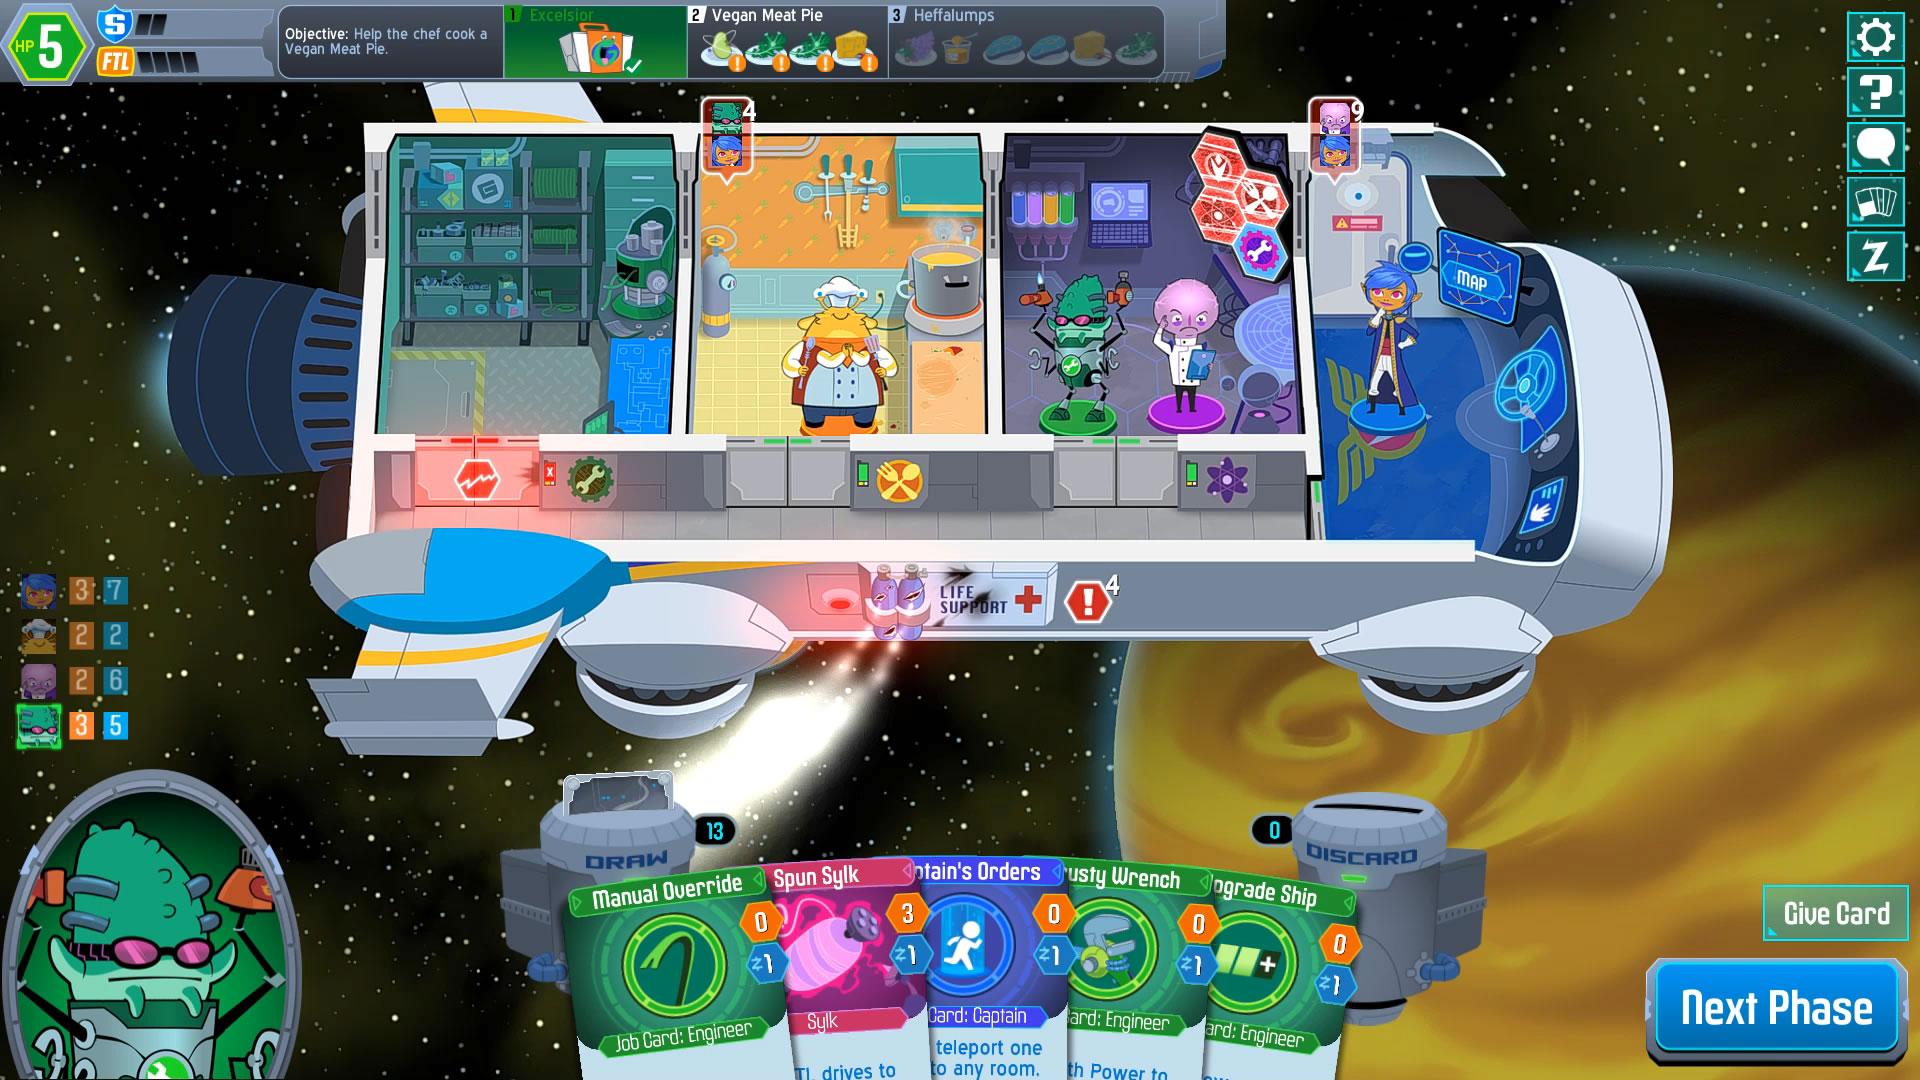 クルーの特技カードを使うには、対応する部屋に移動しなくてはならない。画面は修理工が自分の部屋に戻れず、特技カード(緑)をもちあましてる状況だ。さらに、宇宙船のシールドも剥げ、生命維持装置も壊れている。